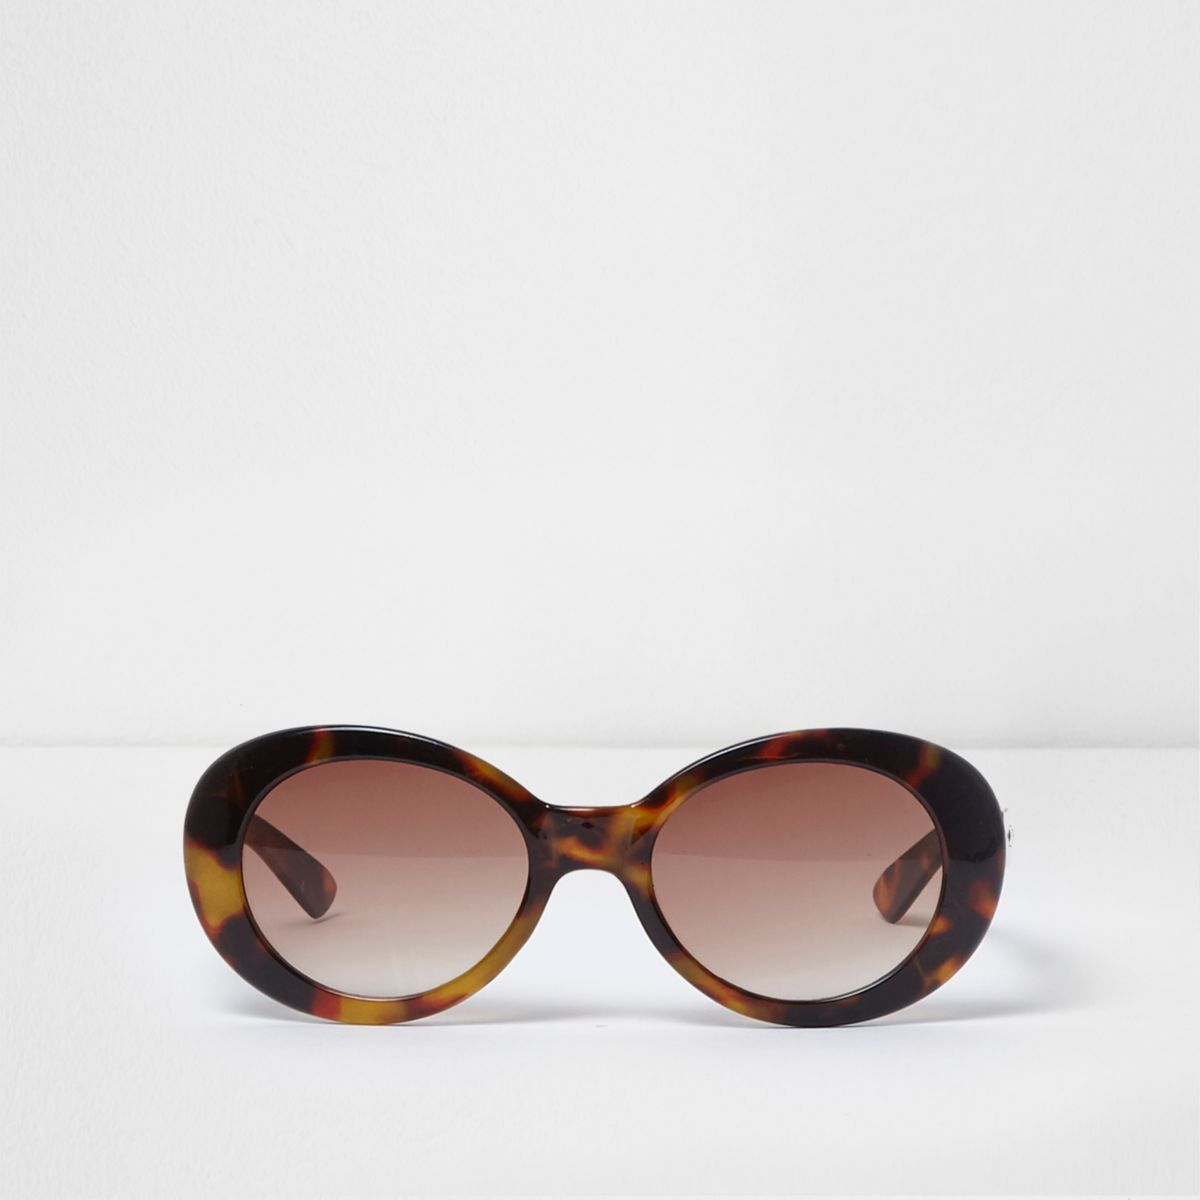 Girls brown tortoiseshell glam sunglasses